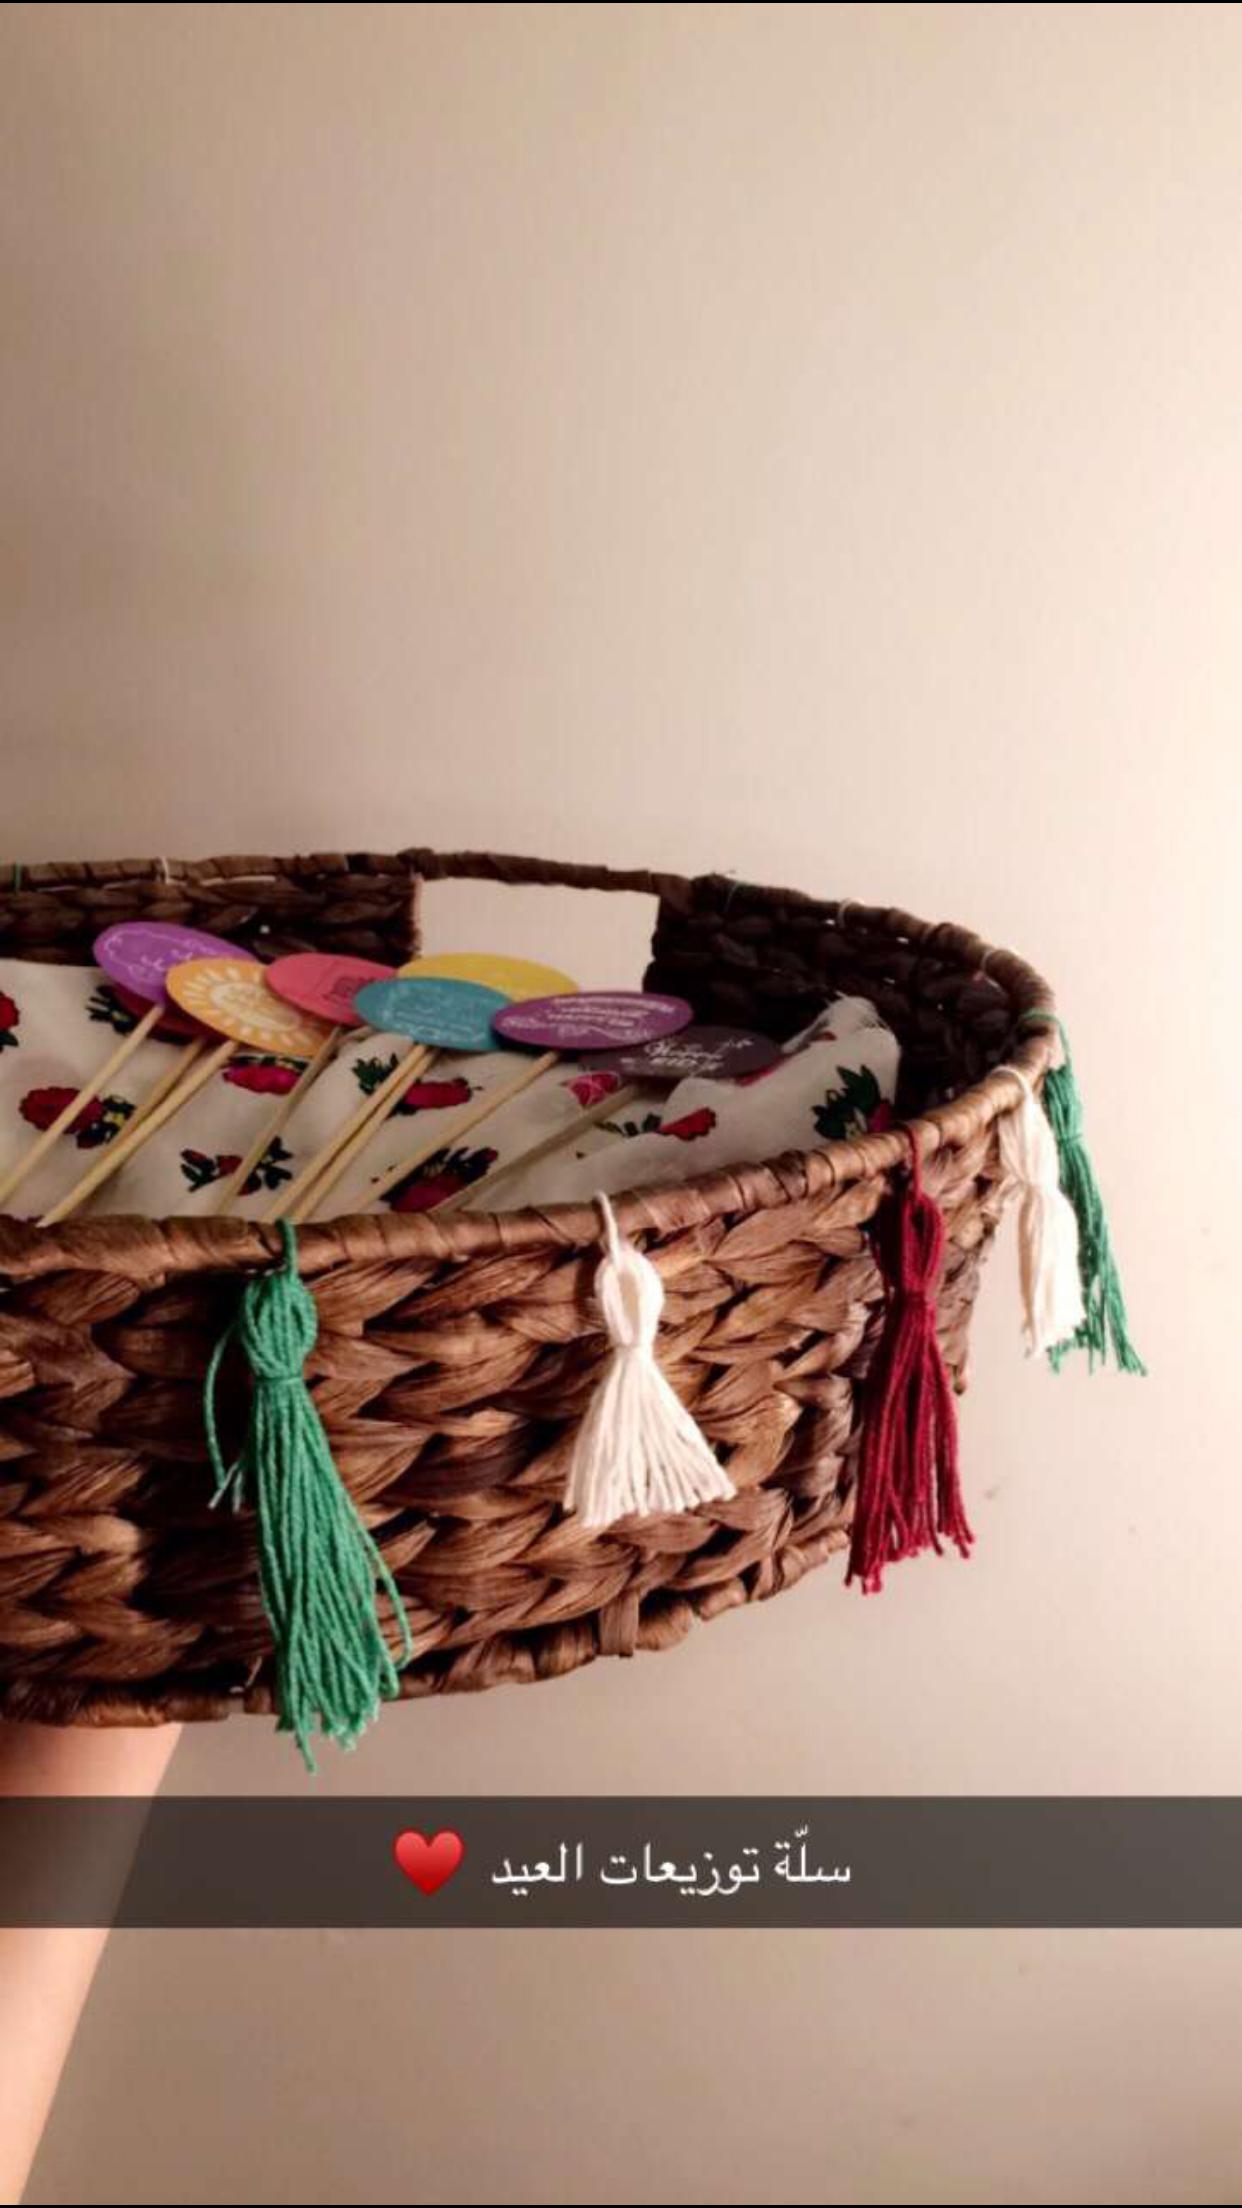 تزيين سلة بالدناديش سلة توزيعات للعيد Eid Crafts Eid Gifts Ramadan Decorations